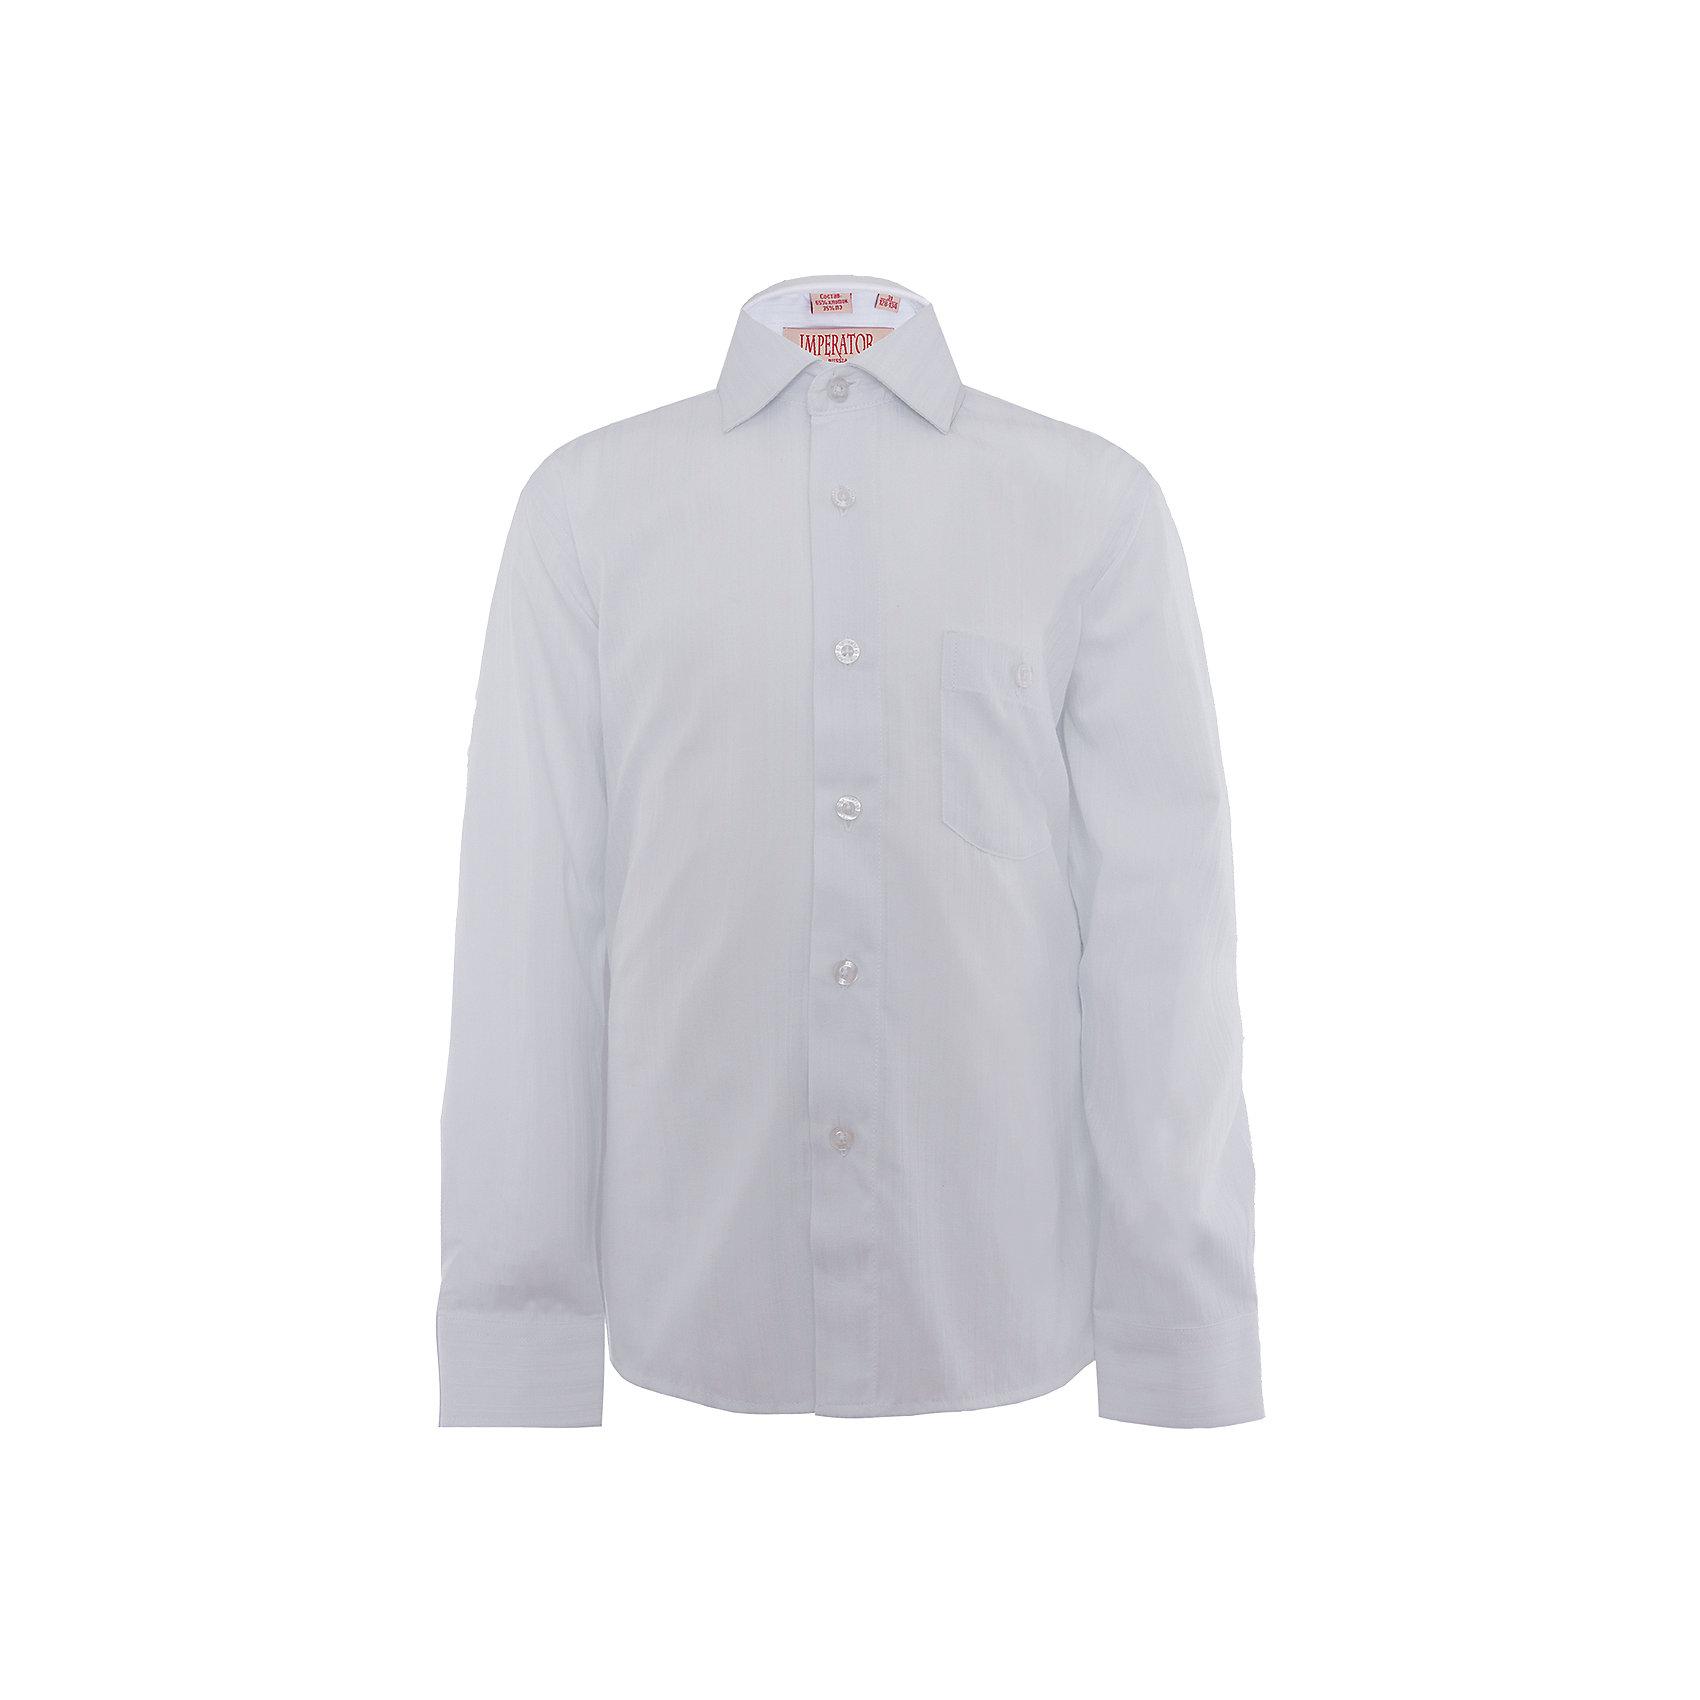 Рубашка для мальчика ImperatorБлузки и рубашки<br>Классическая рубашка - неотьемлемая вещь в гардеробе. Модель на пуговицах, с отложным воротником. Свободный покрой не стеснит движений и позволит чувствовать себя комфортно каждый день.  Состав 65 % хл. 35% П/Э<br><br>Ширина мм: 174<br>Глубина мм: 10<br>Высота мм: 169<br>Вес г: 157<br>Цвет: белый<br>Возраст от месяцев: 132<br>Возраст до месяцев: 144<br>Пол: Мужской<br>Возраст: Детский<br>Размер: 146/152,164/170,122/128,128/134,134/140,140/146,152/158,158/164<br>SKU: 4749403